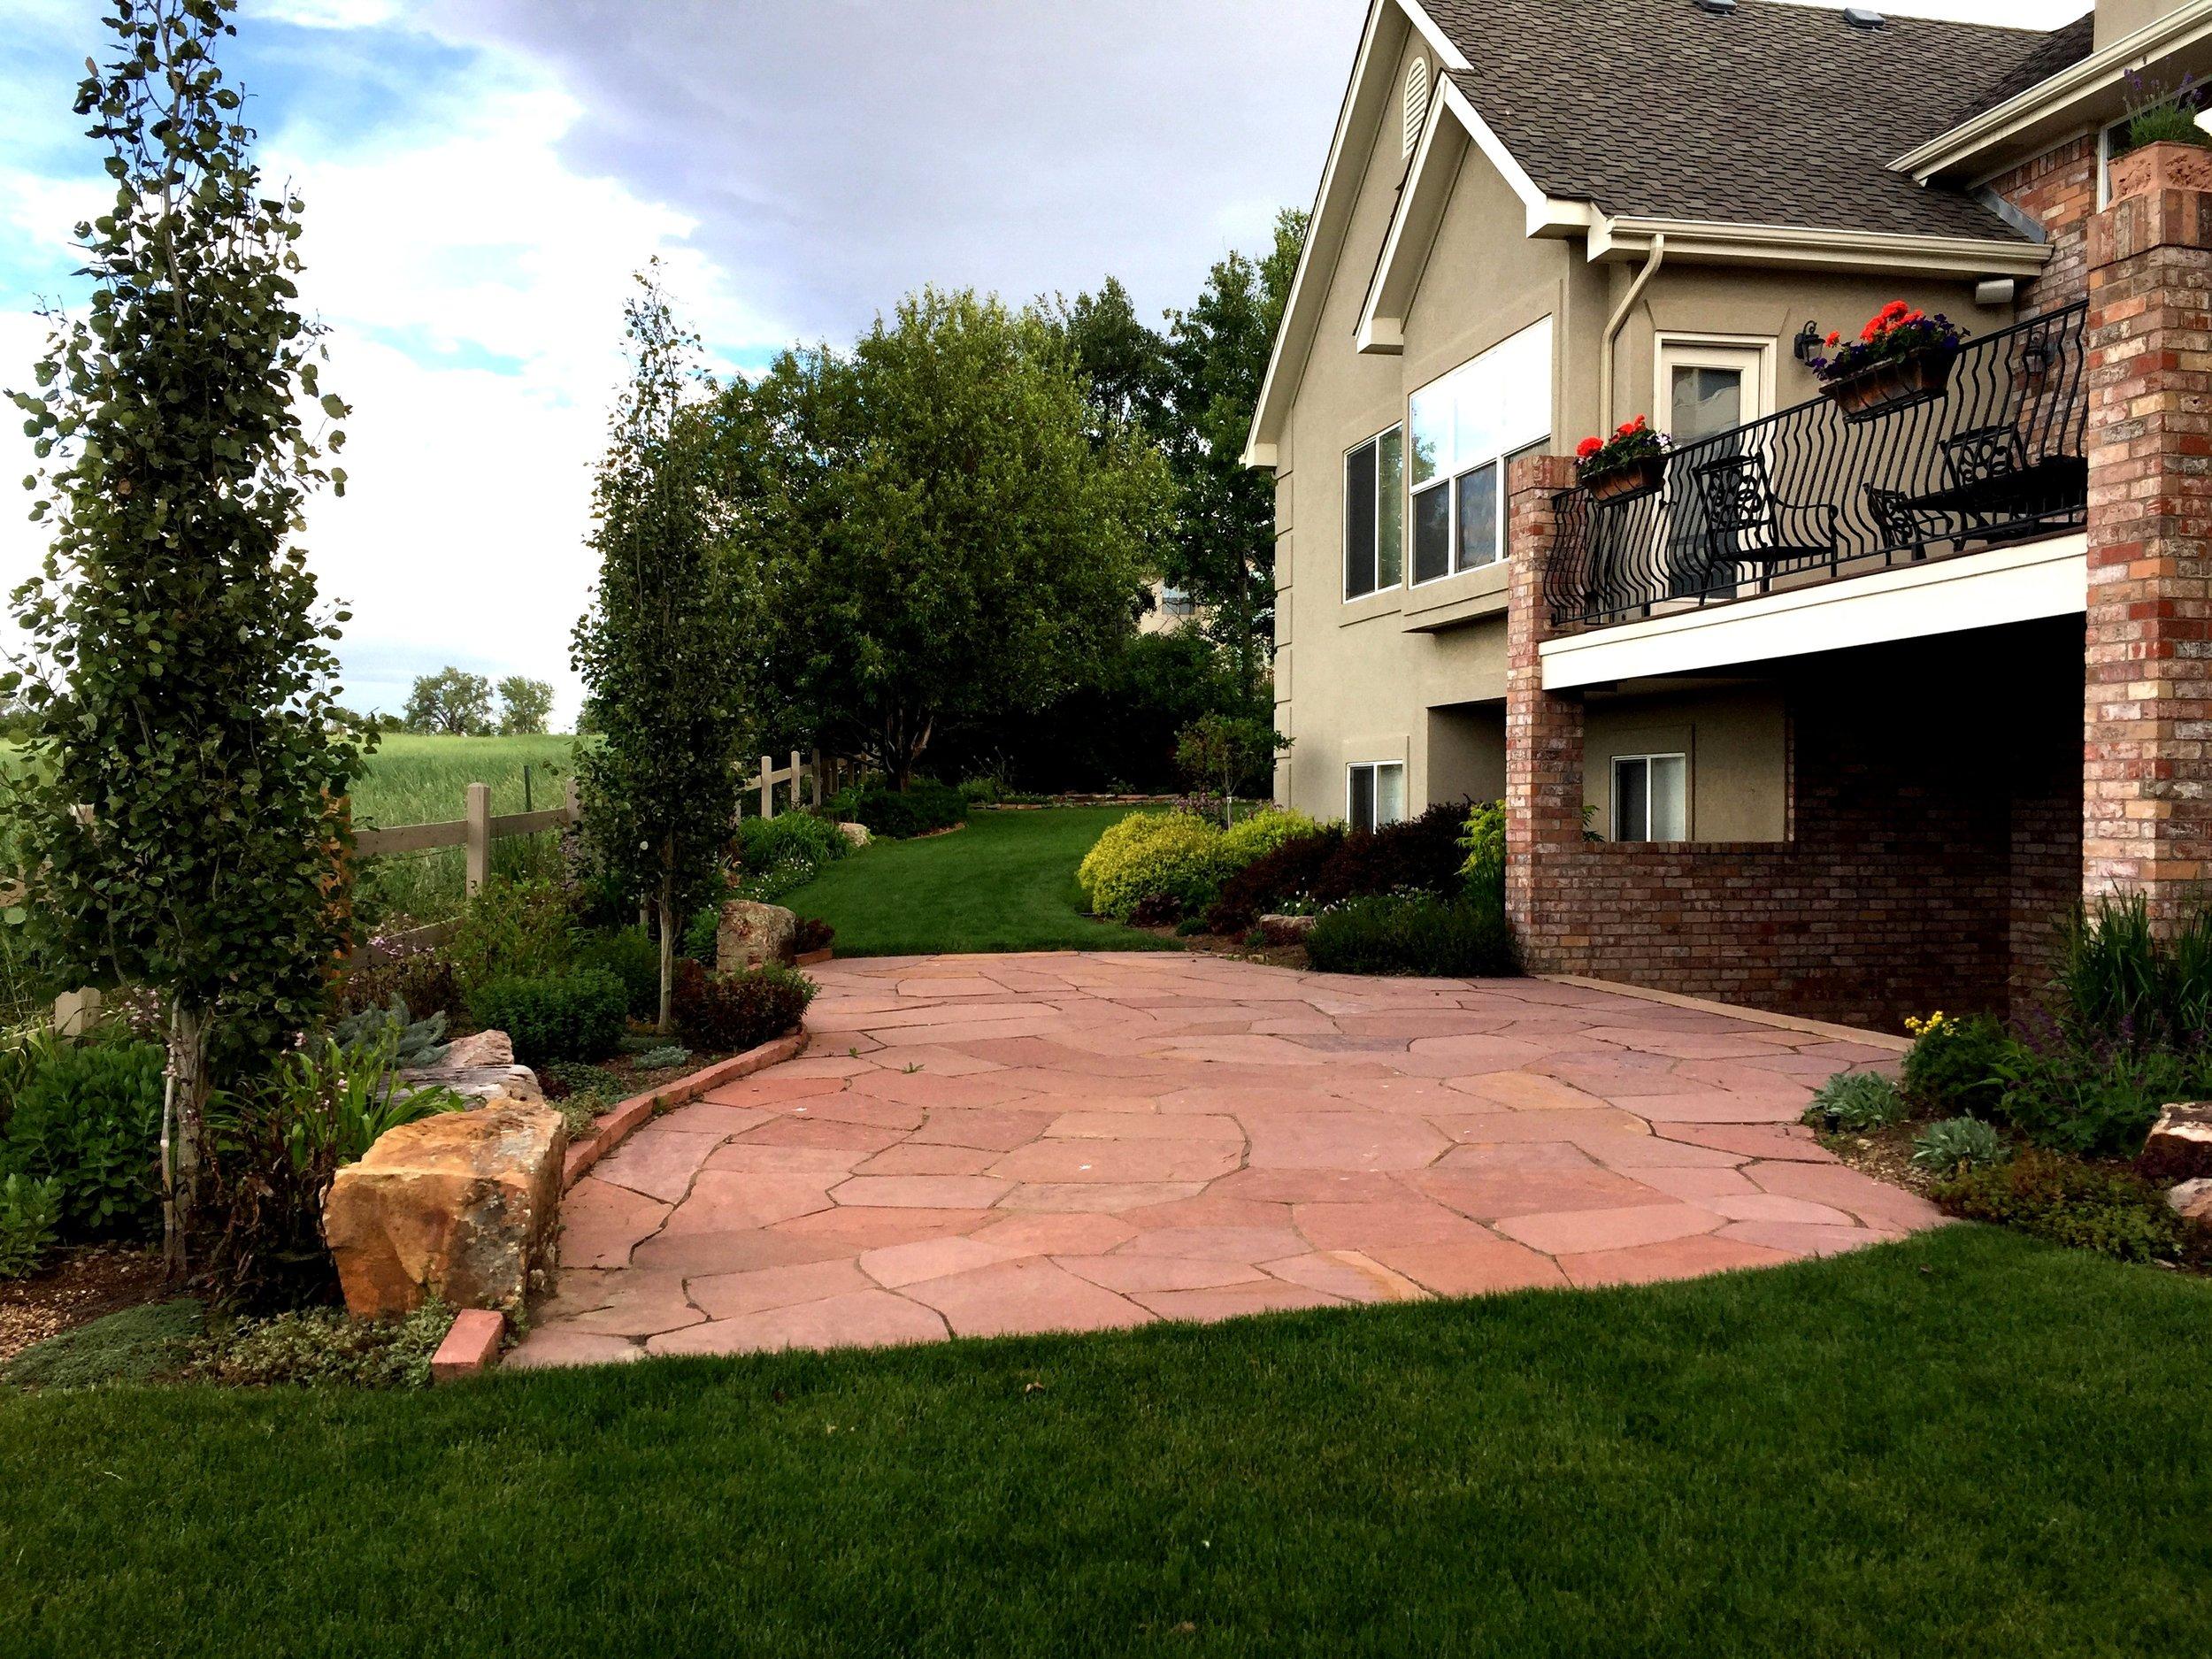 Perryman back yard.jpg